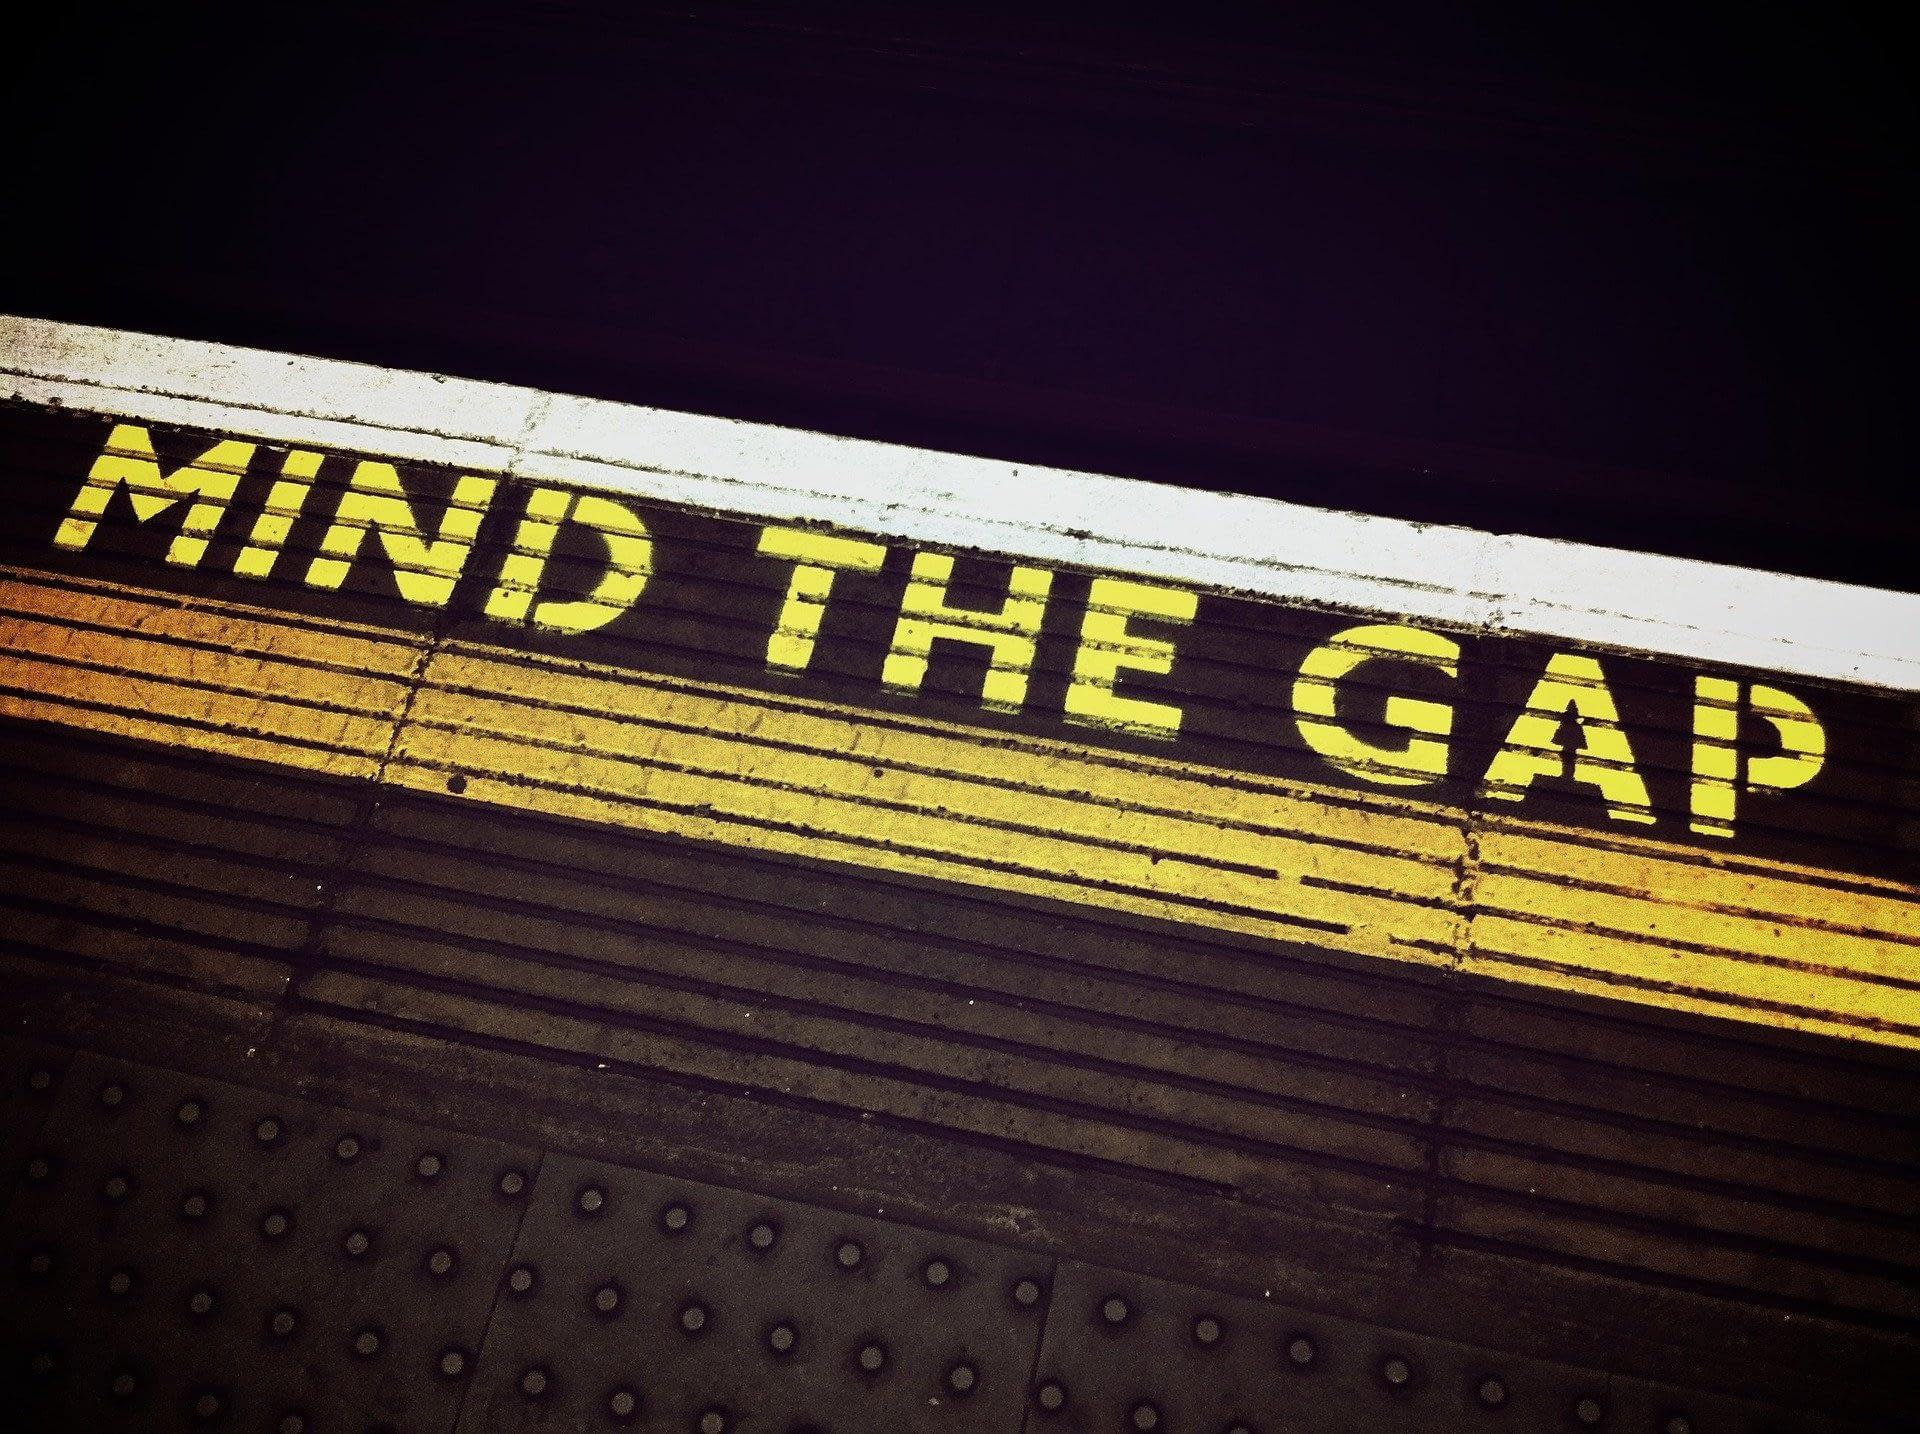 Image depicting the digital gap